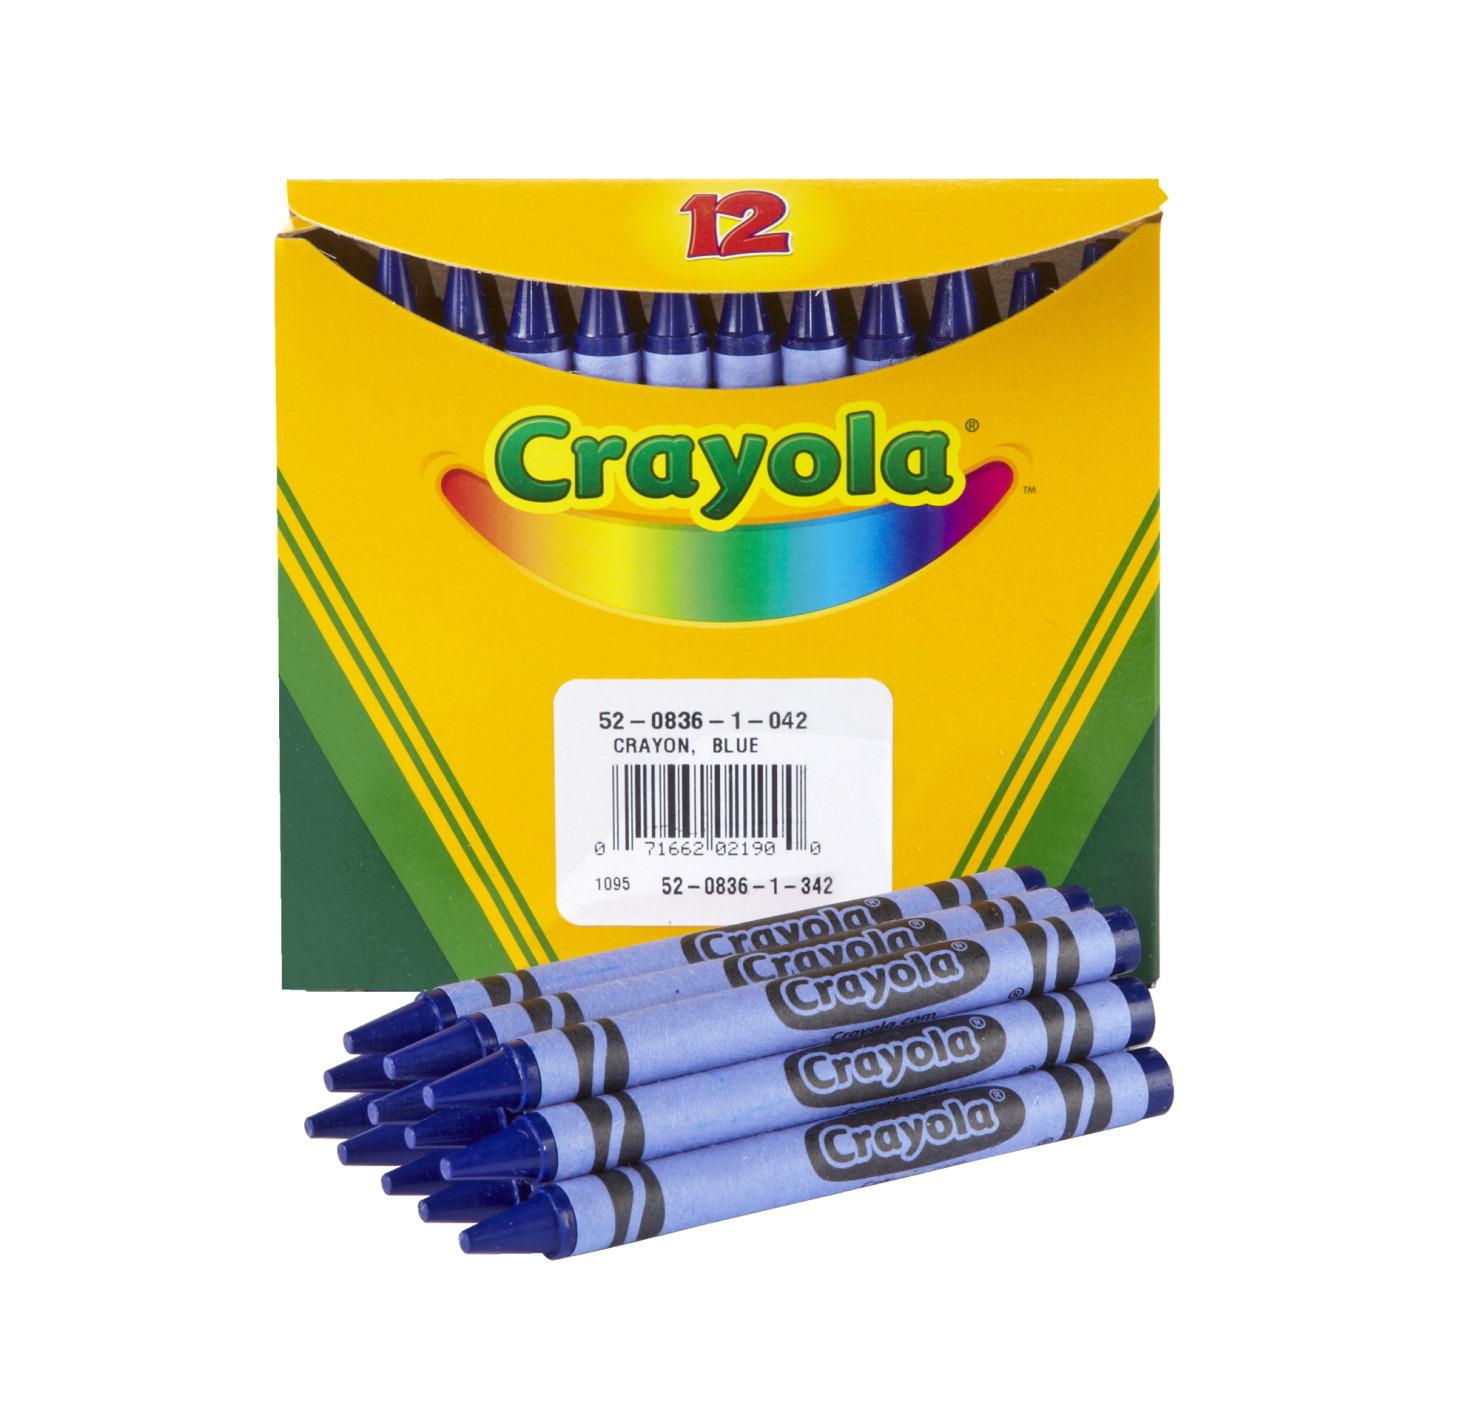 crayola crayon refill blue school specialty canada